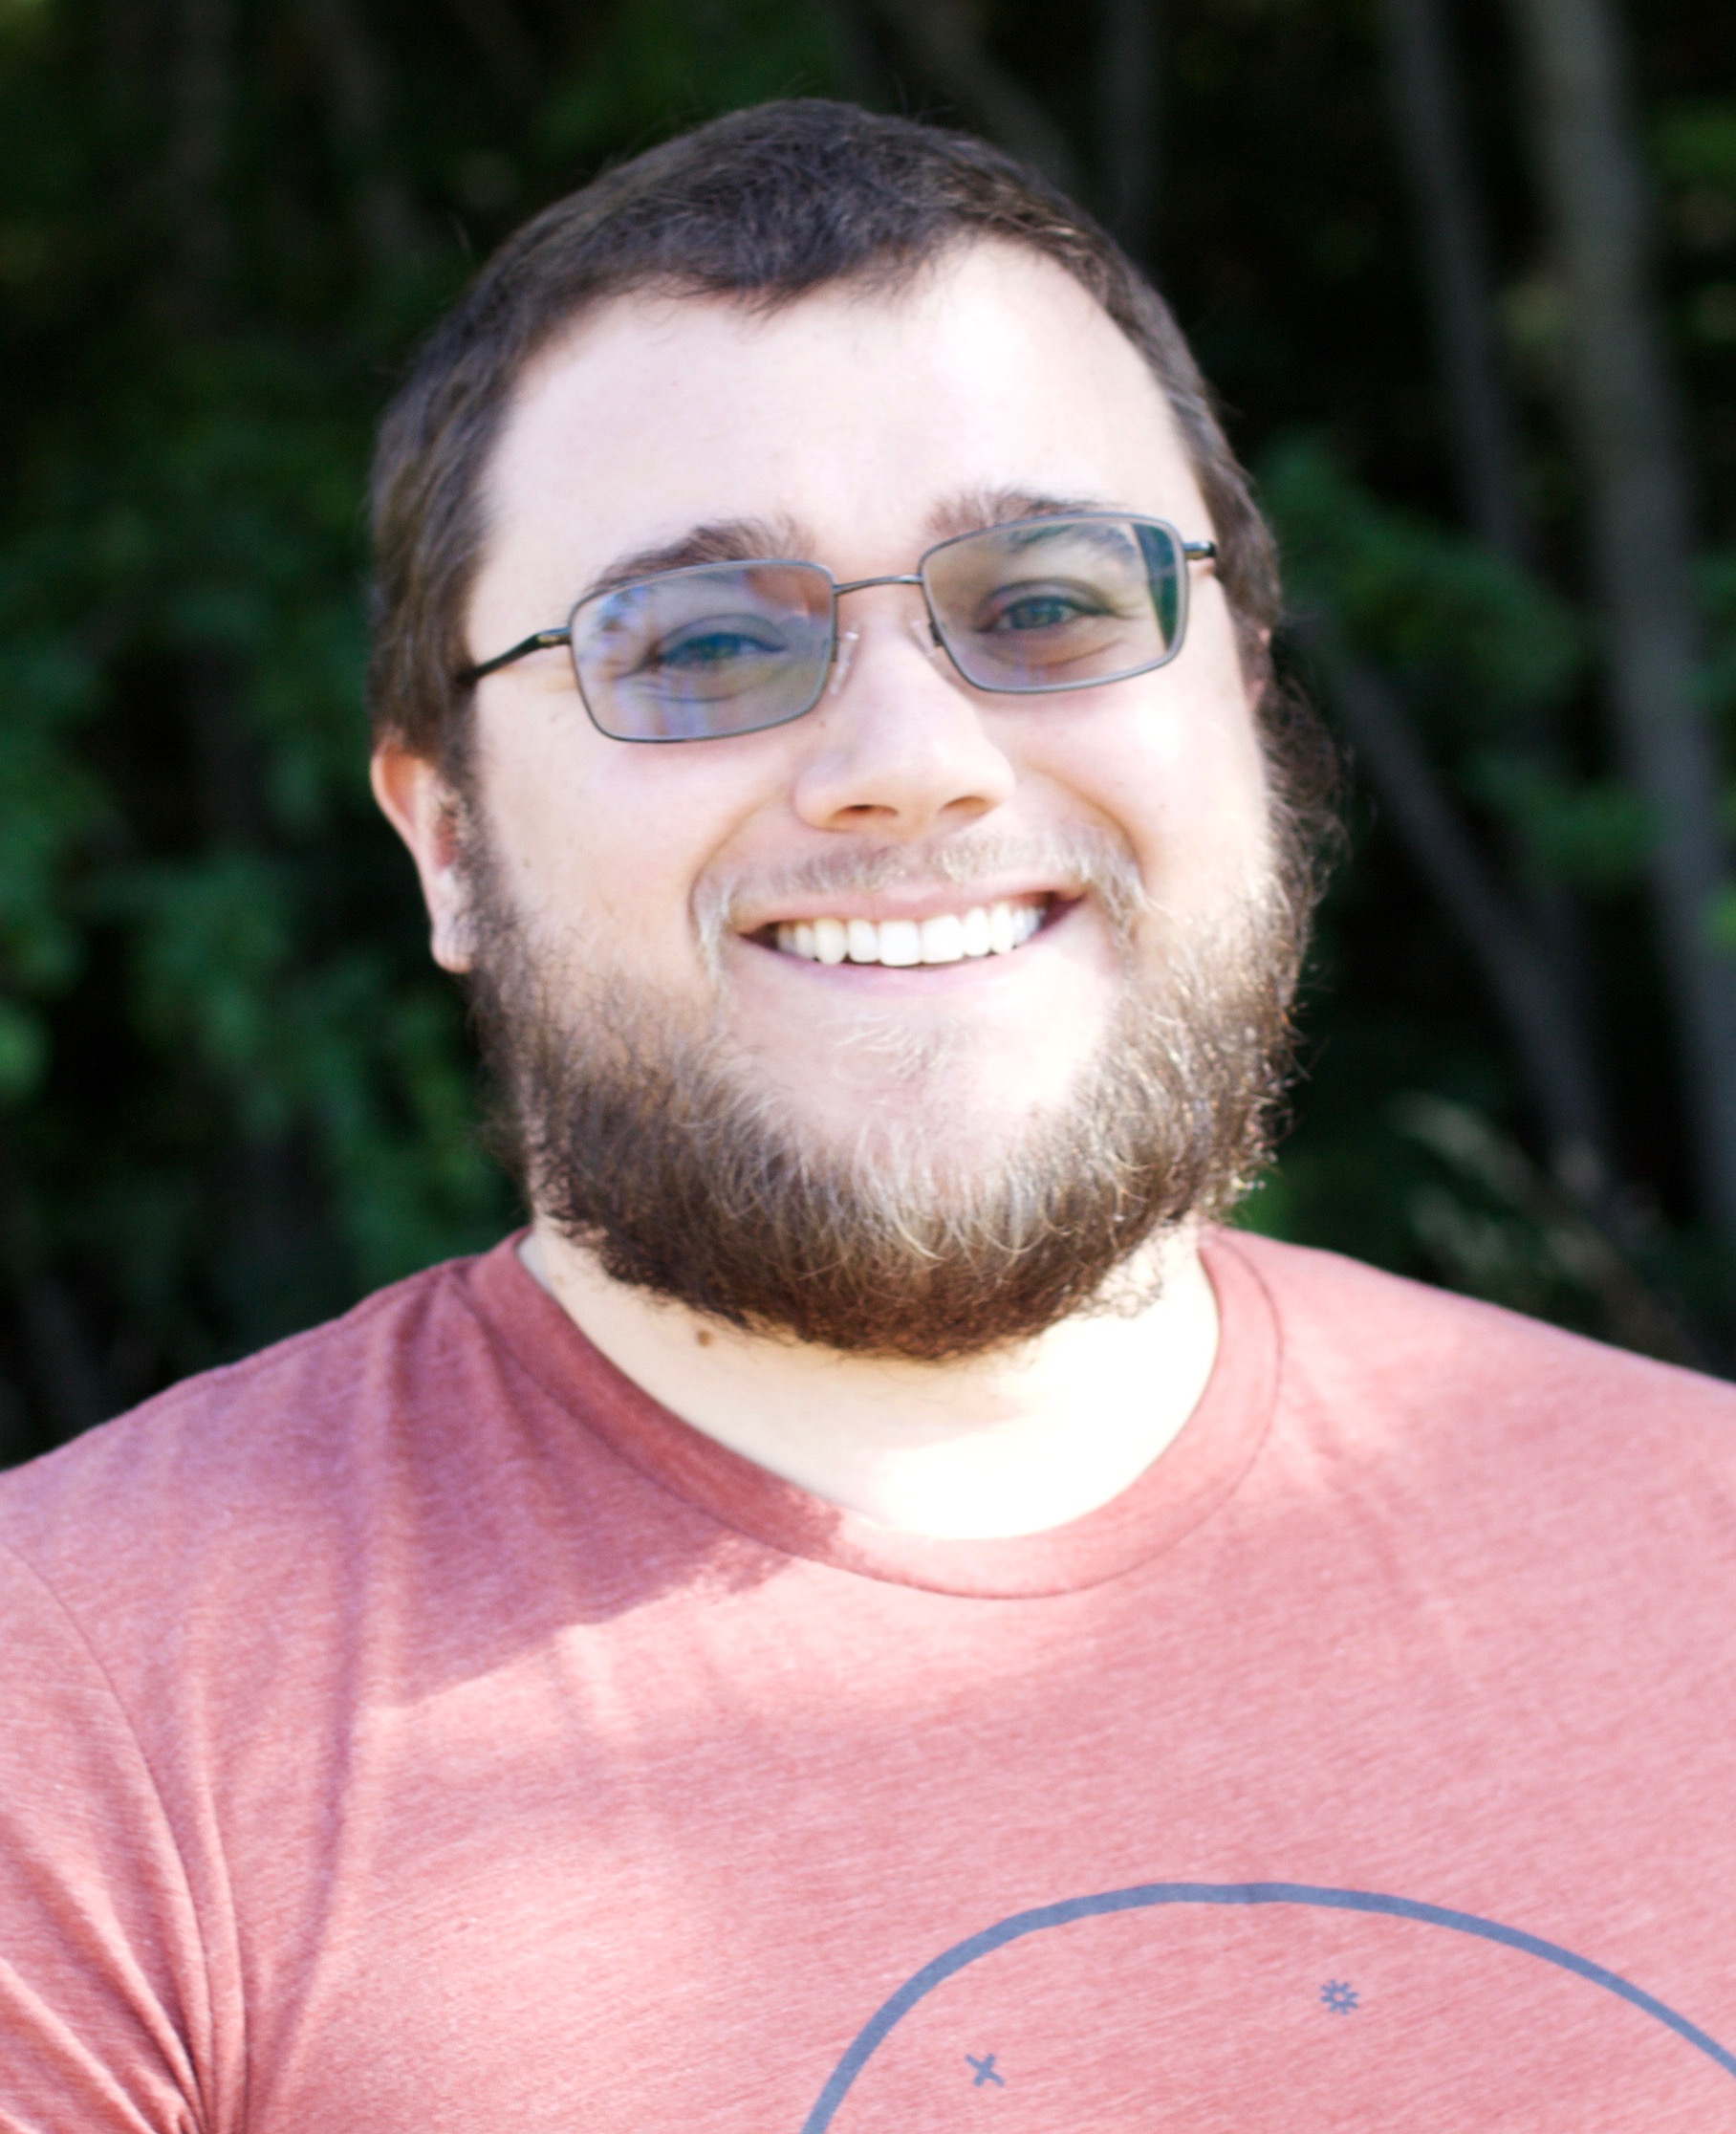 Ryan LaBarge